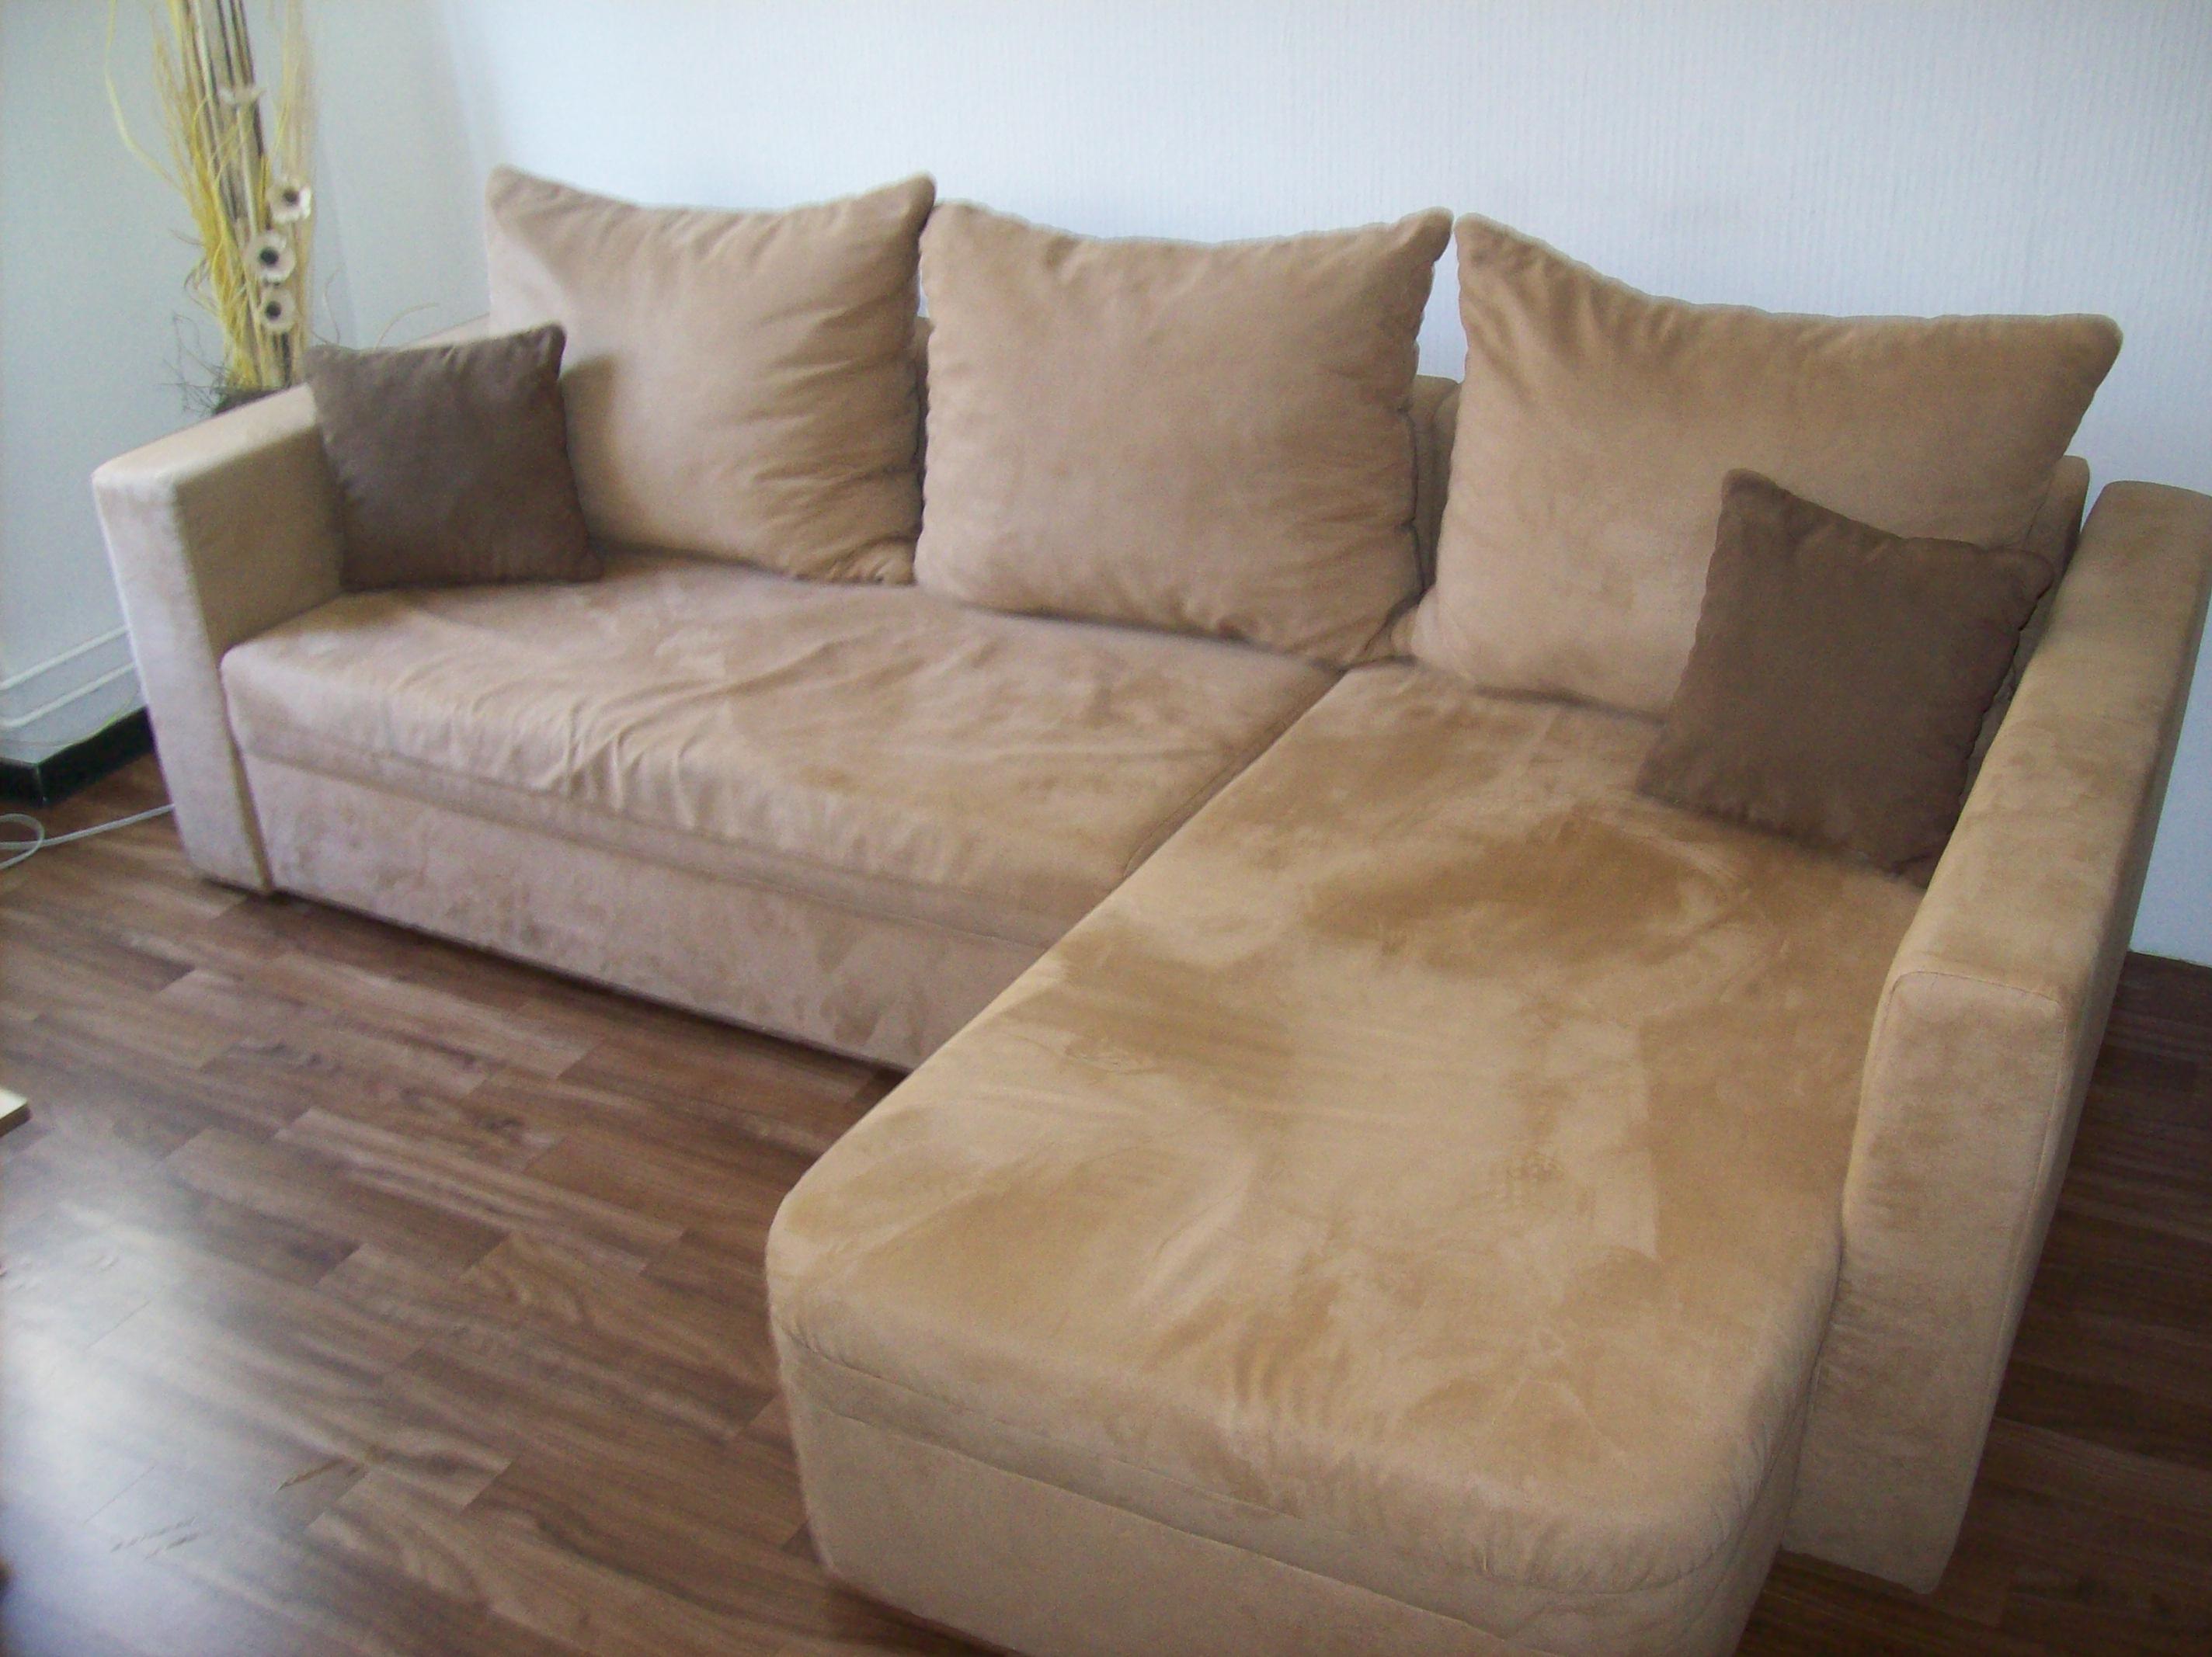 Kleinanzeigen Polster, Sessel, Couch - Seite 8